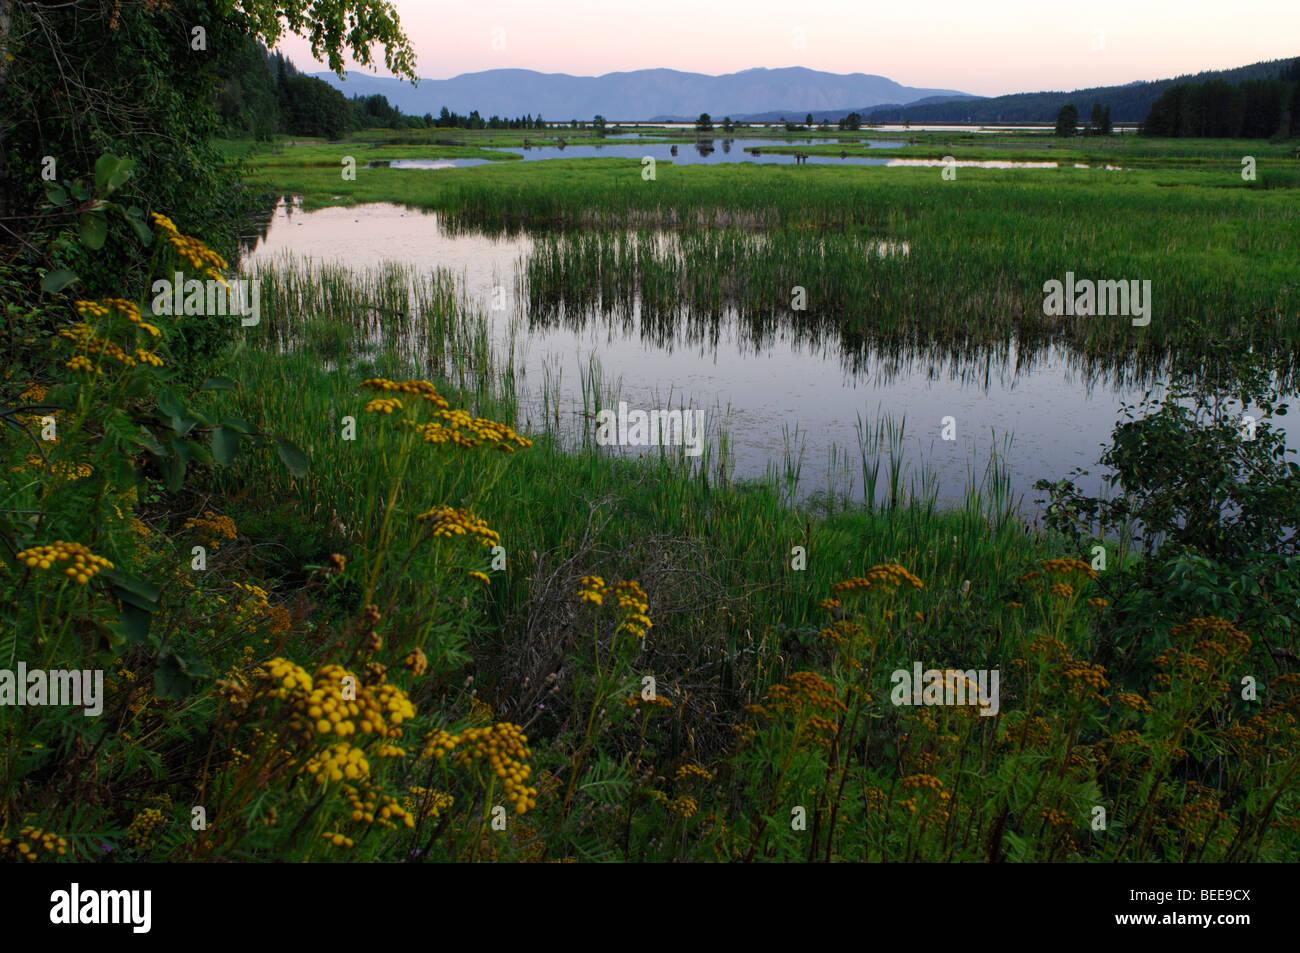 Marsh, wetland - Stock Image